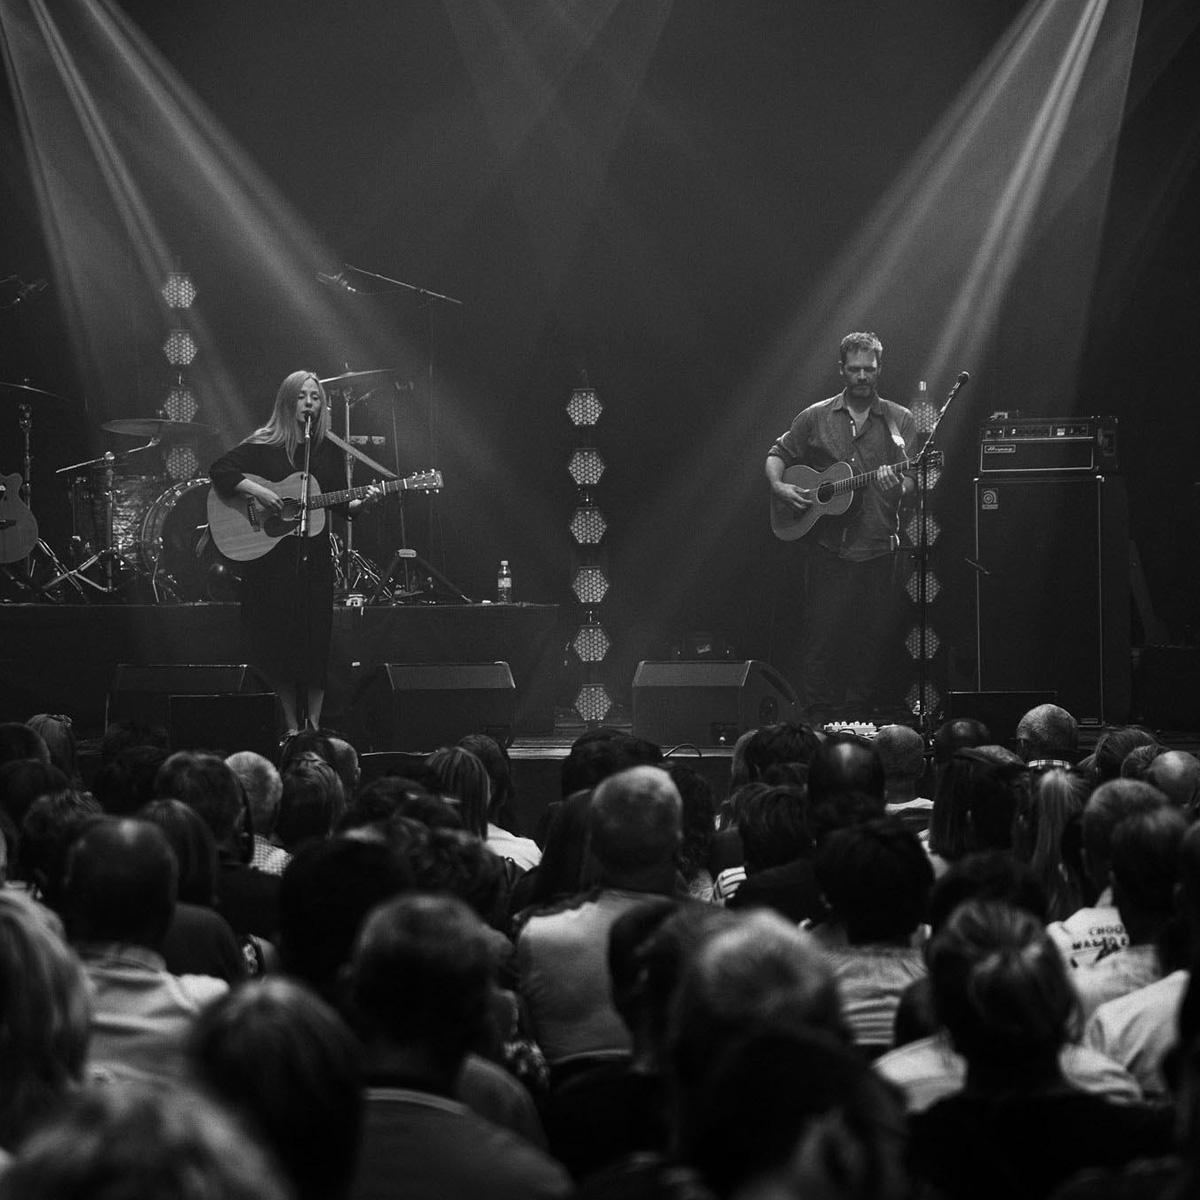 Crédit photo: Hervé Ogz Concert en 1ère partie de Gauvin Sers à Neufchâtel-Hardelot (62) 2018.